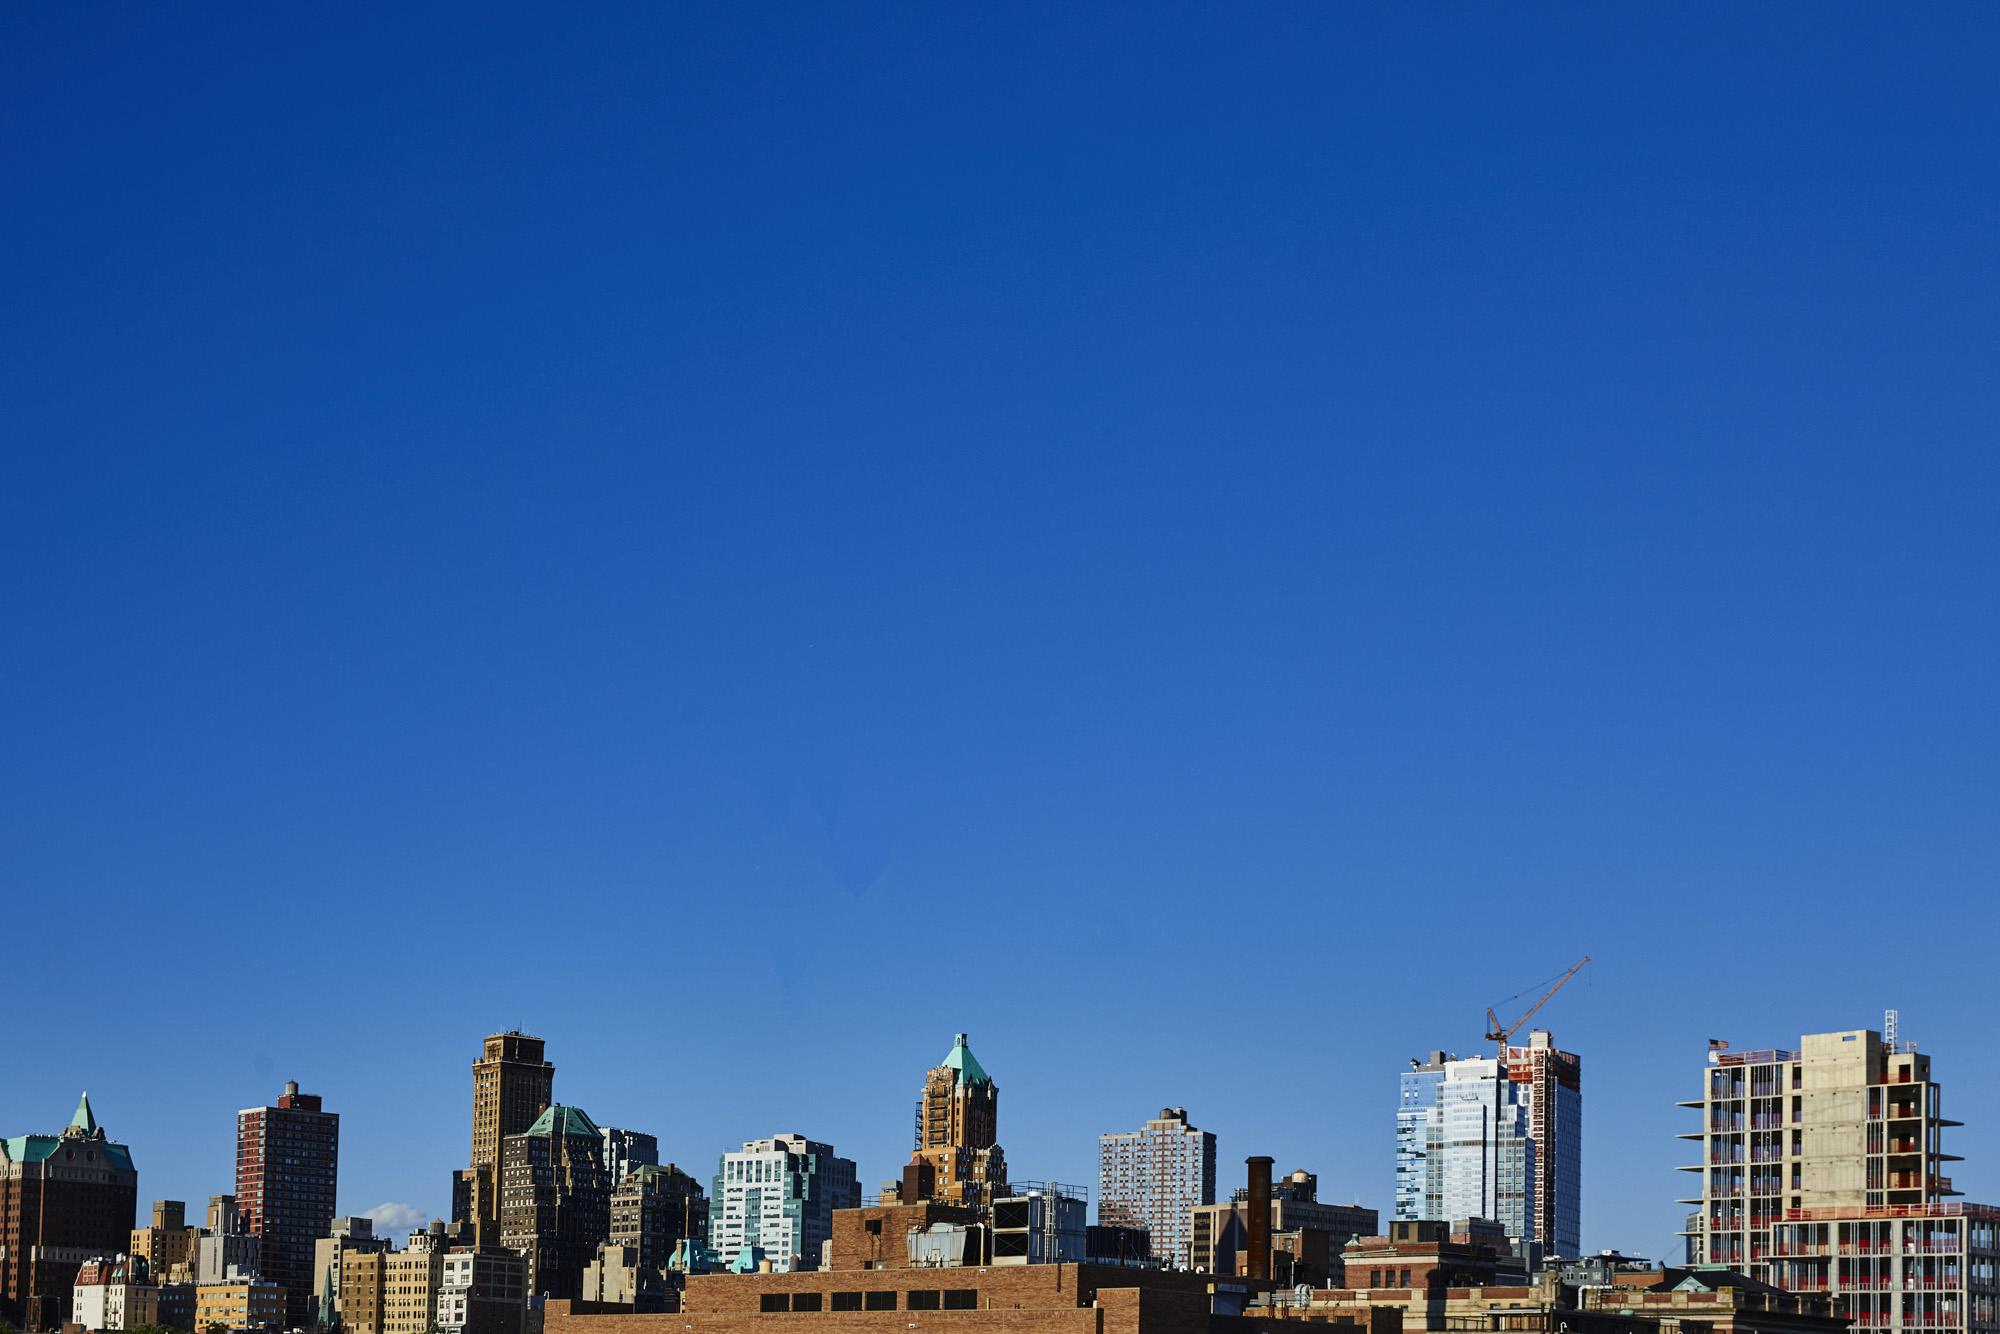 kyrani-kanavaros-new-york-photography-21.jpg